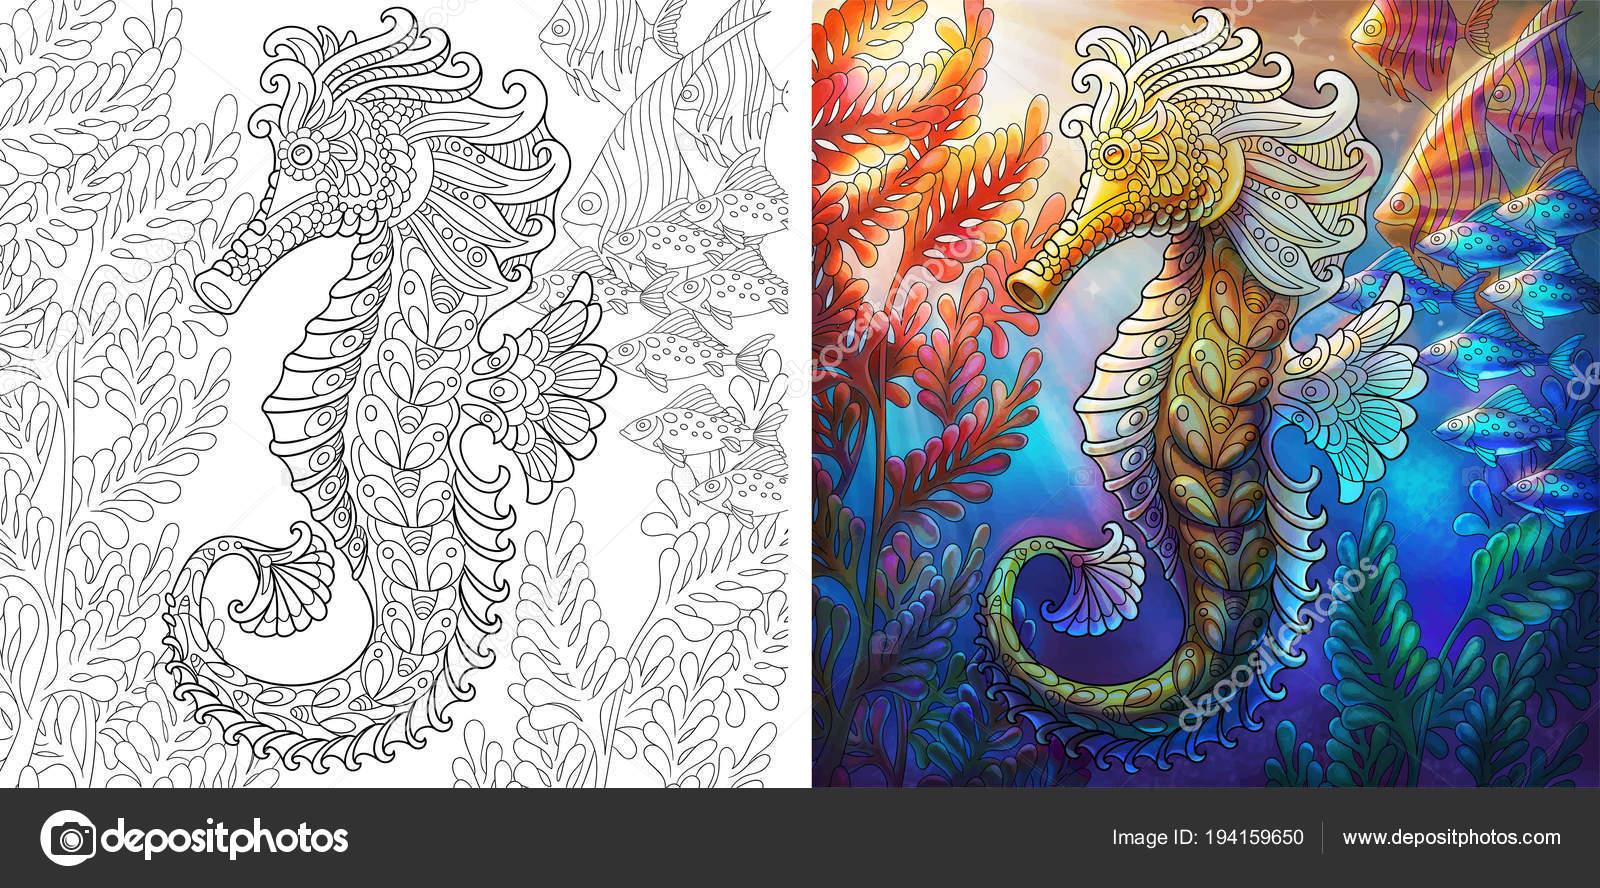 Seahorse Coloring Book Page Vector Image By C Sybirko Vector Stock 194159650